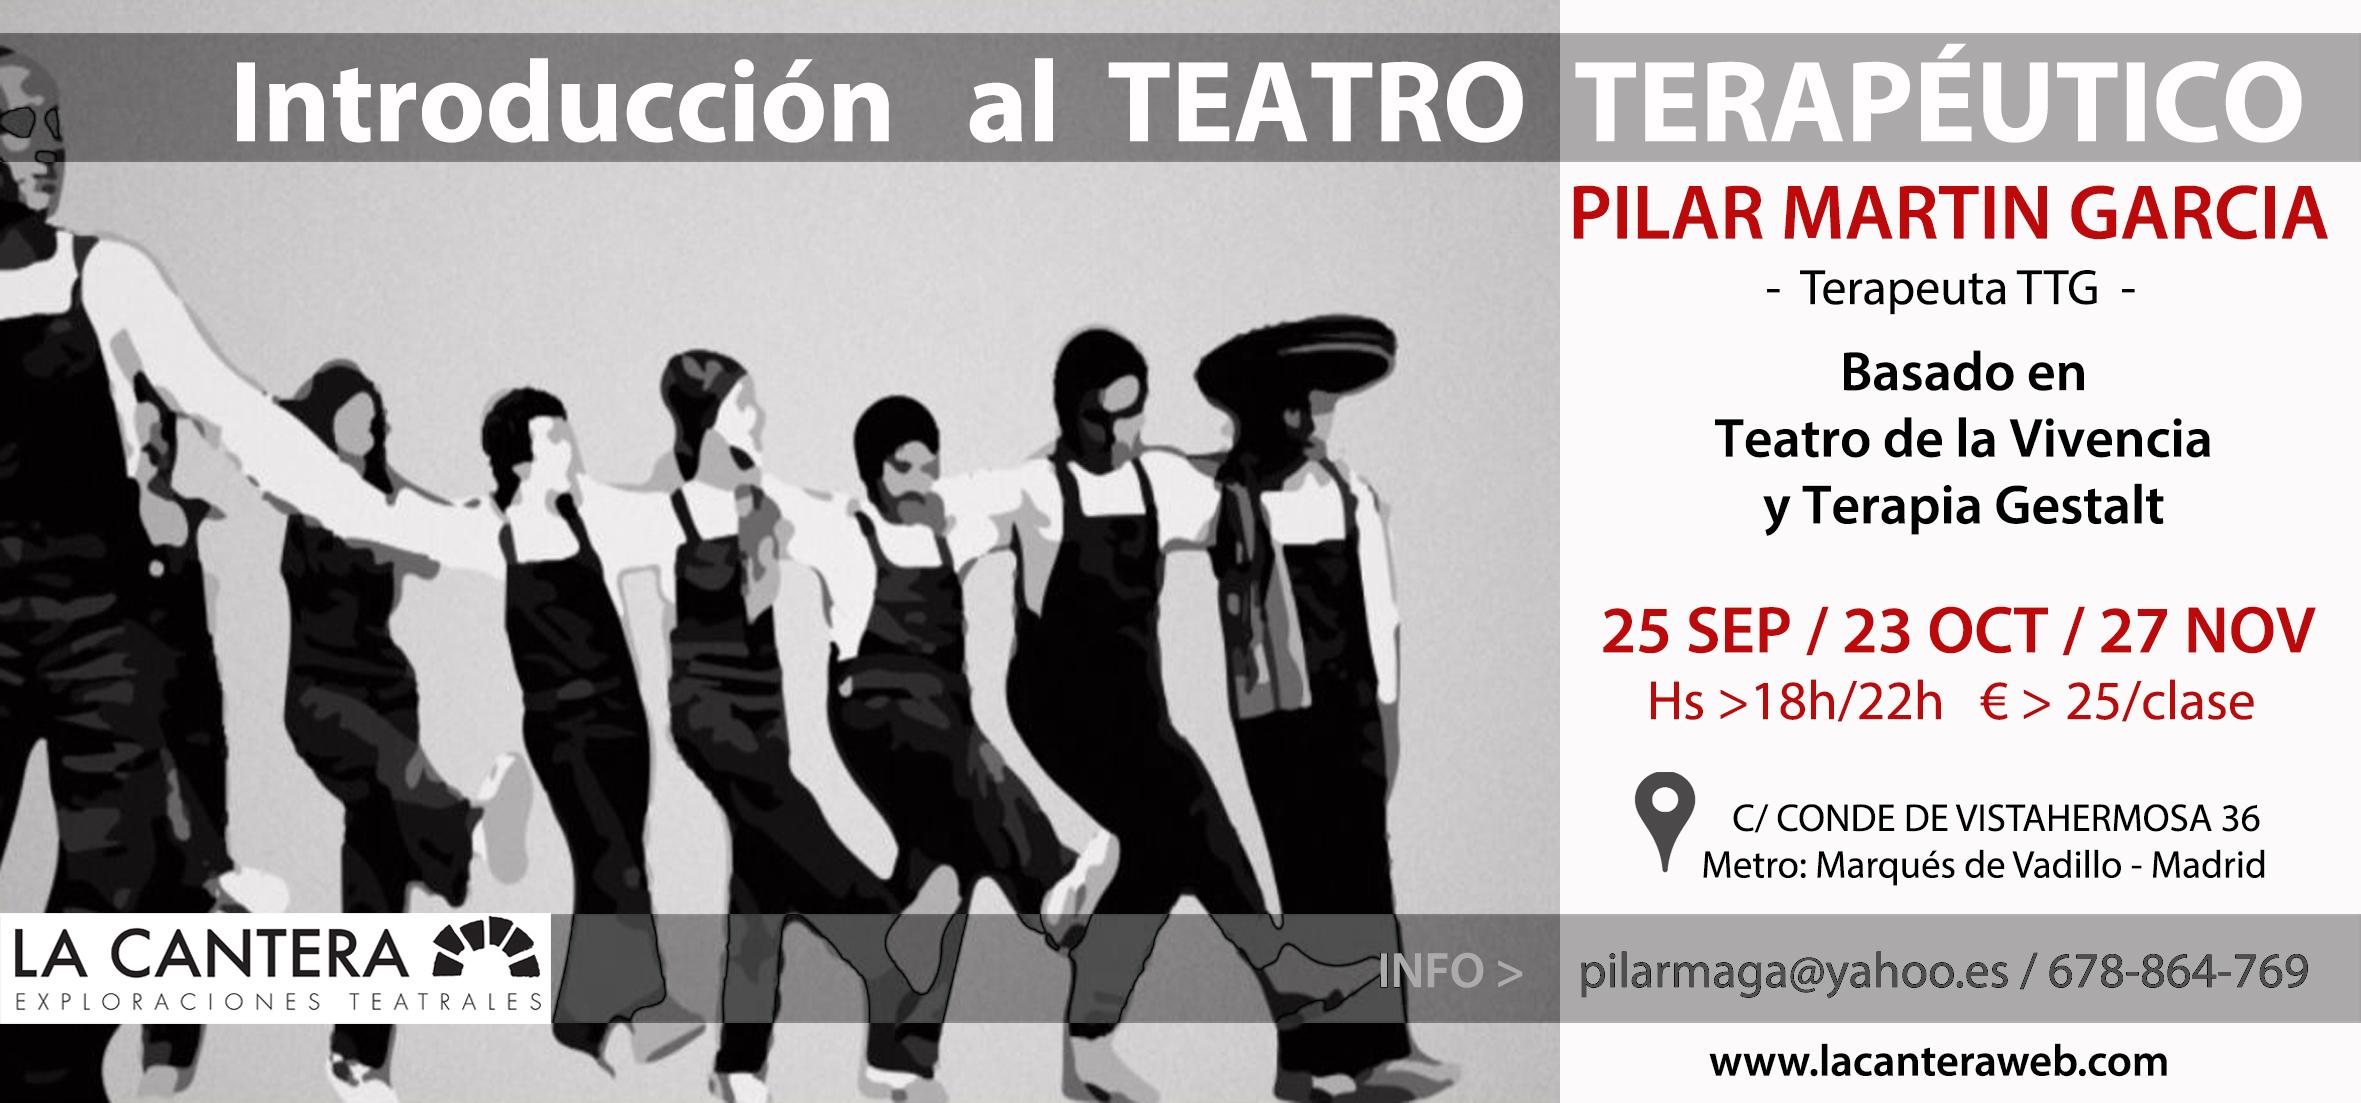 TeatroTerapeutico